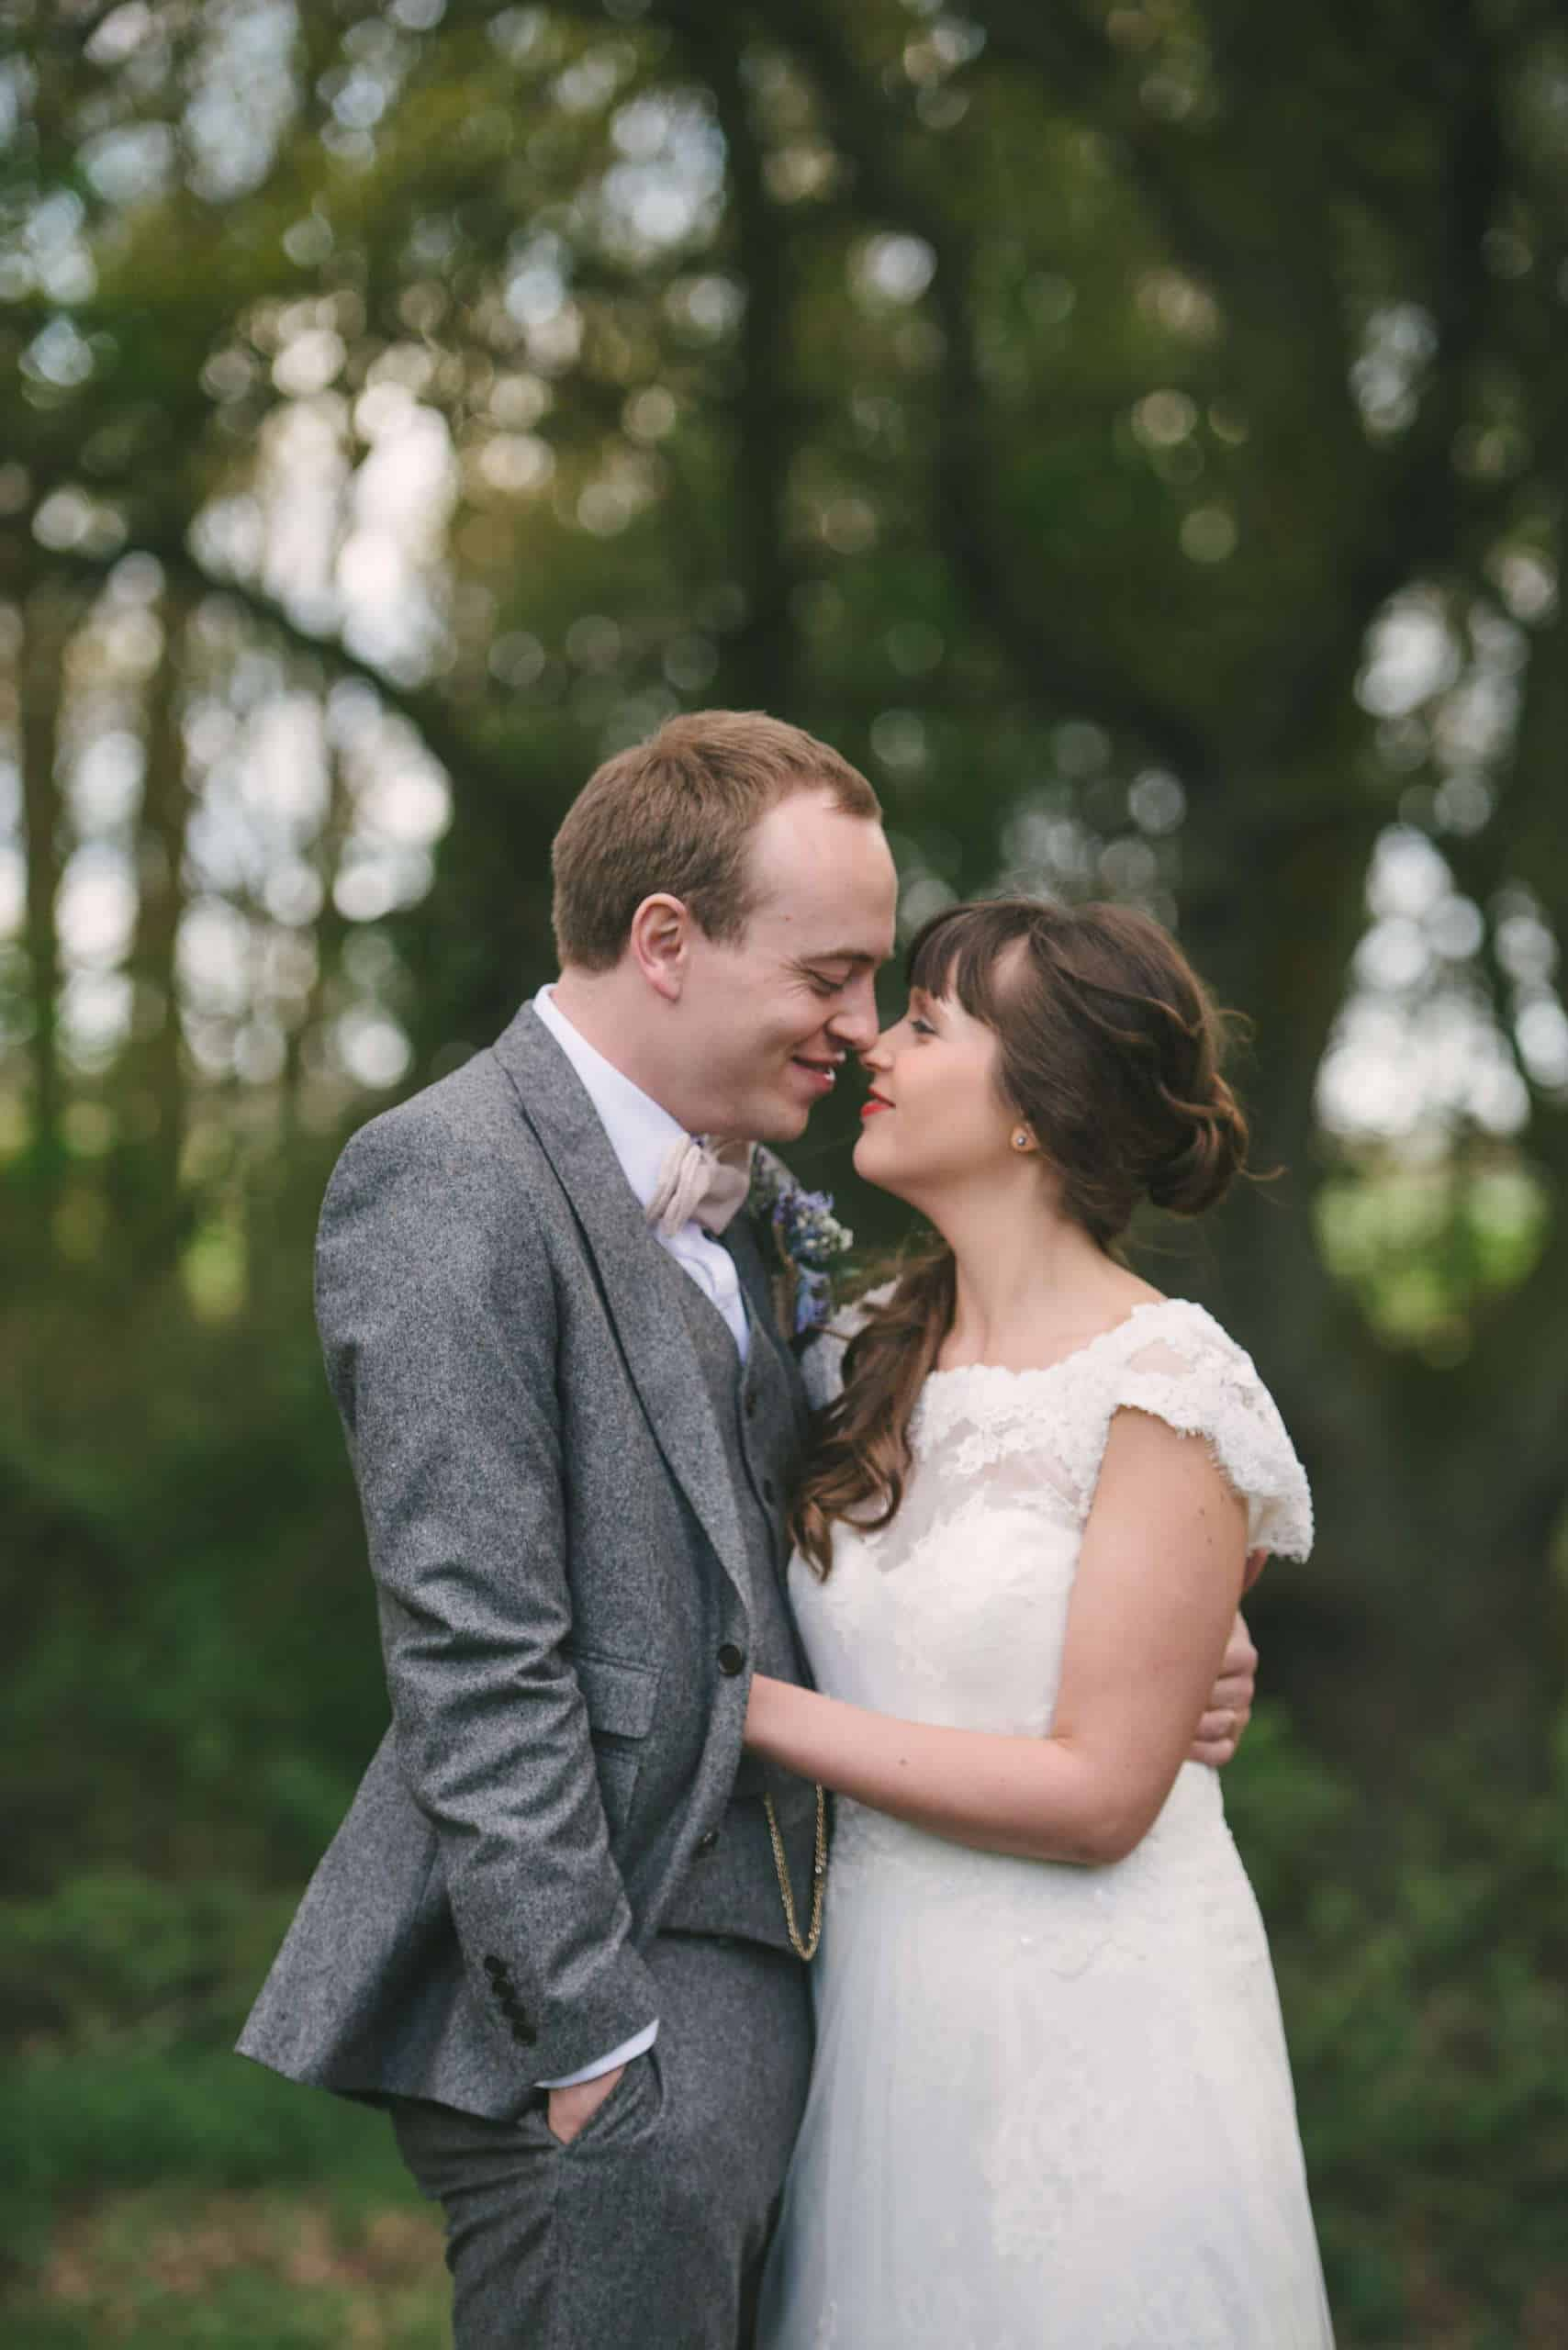 230416 Essex Wedding Photography Baddow Gallerywood 110